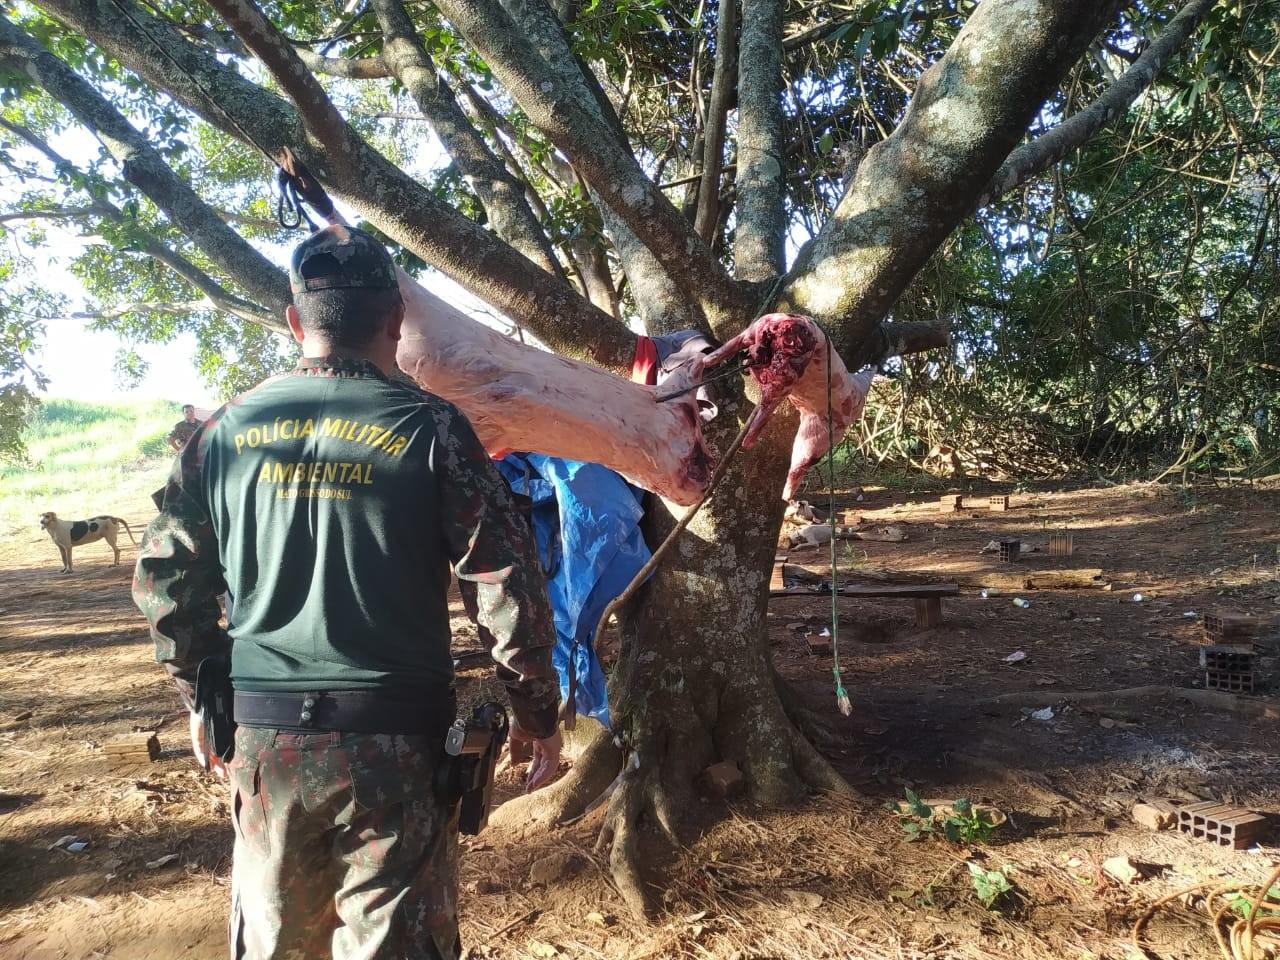 Polícia vai a acampamento e prende 5 ao flagrar javalis abatidos, armas e 18 cães em situação de maus-tratos